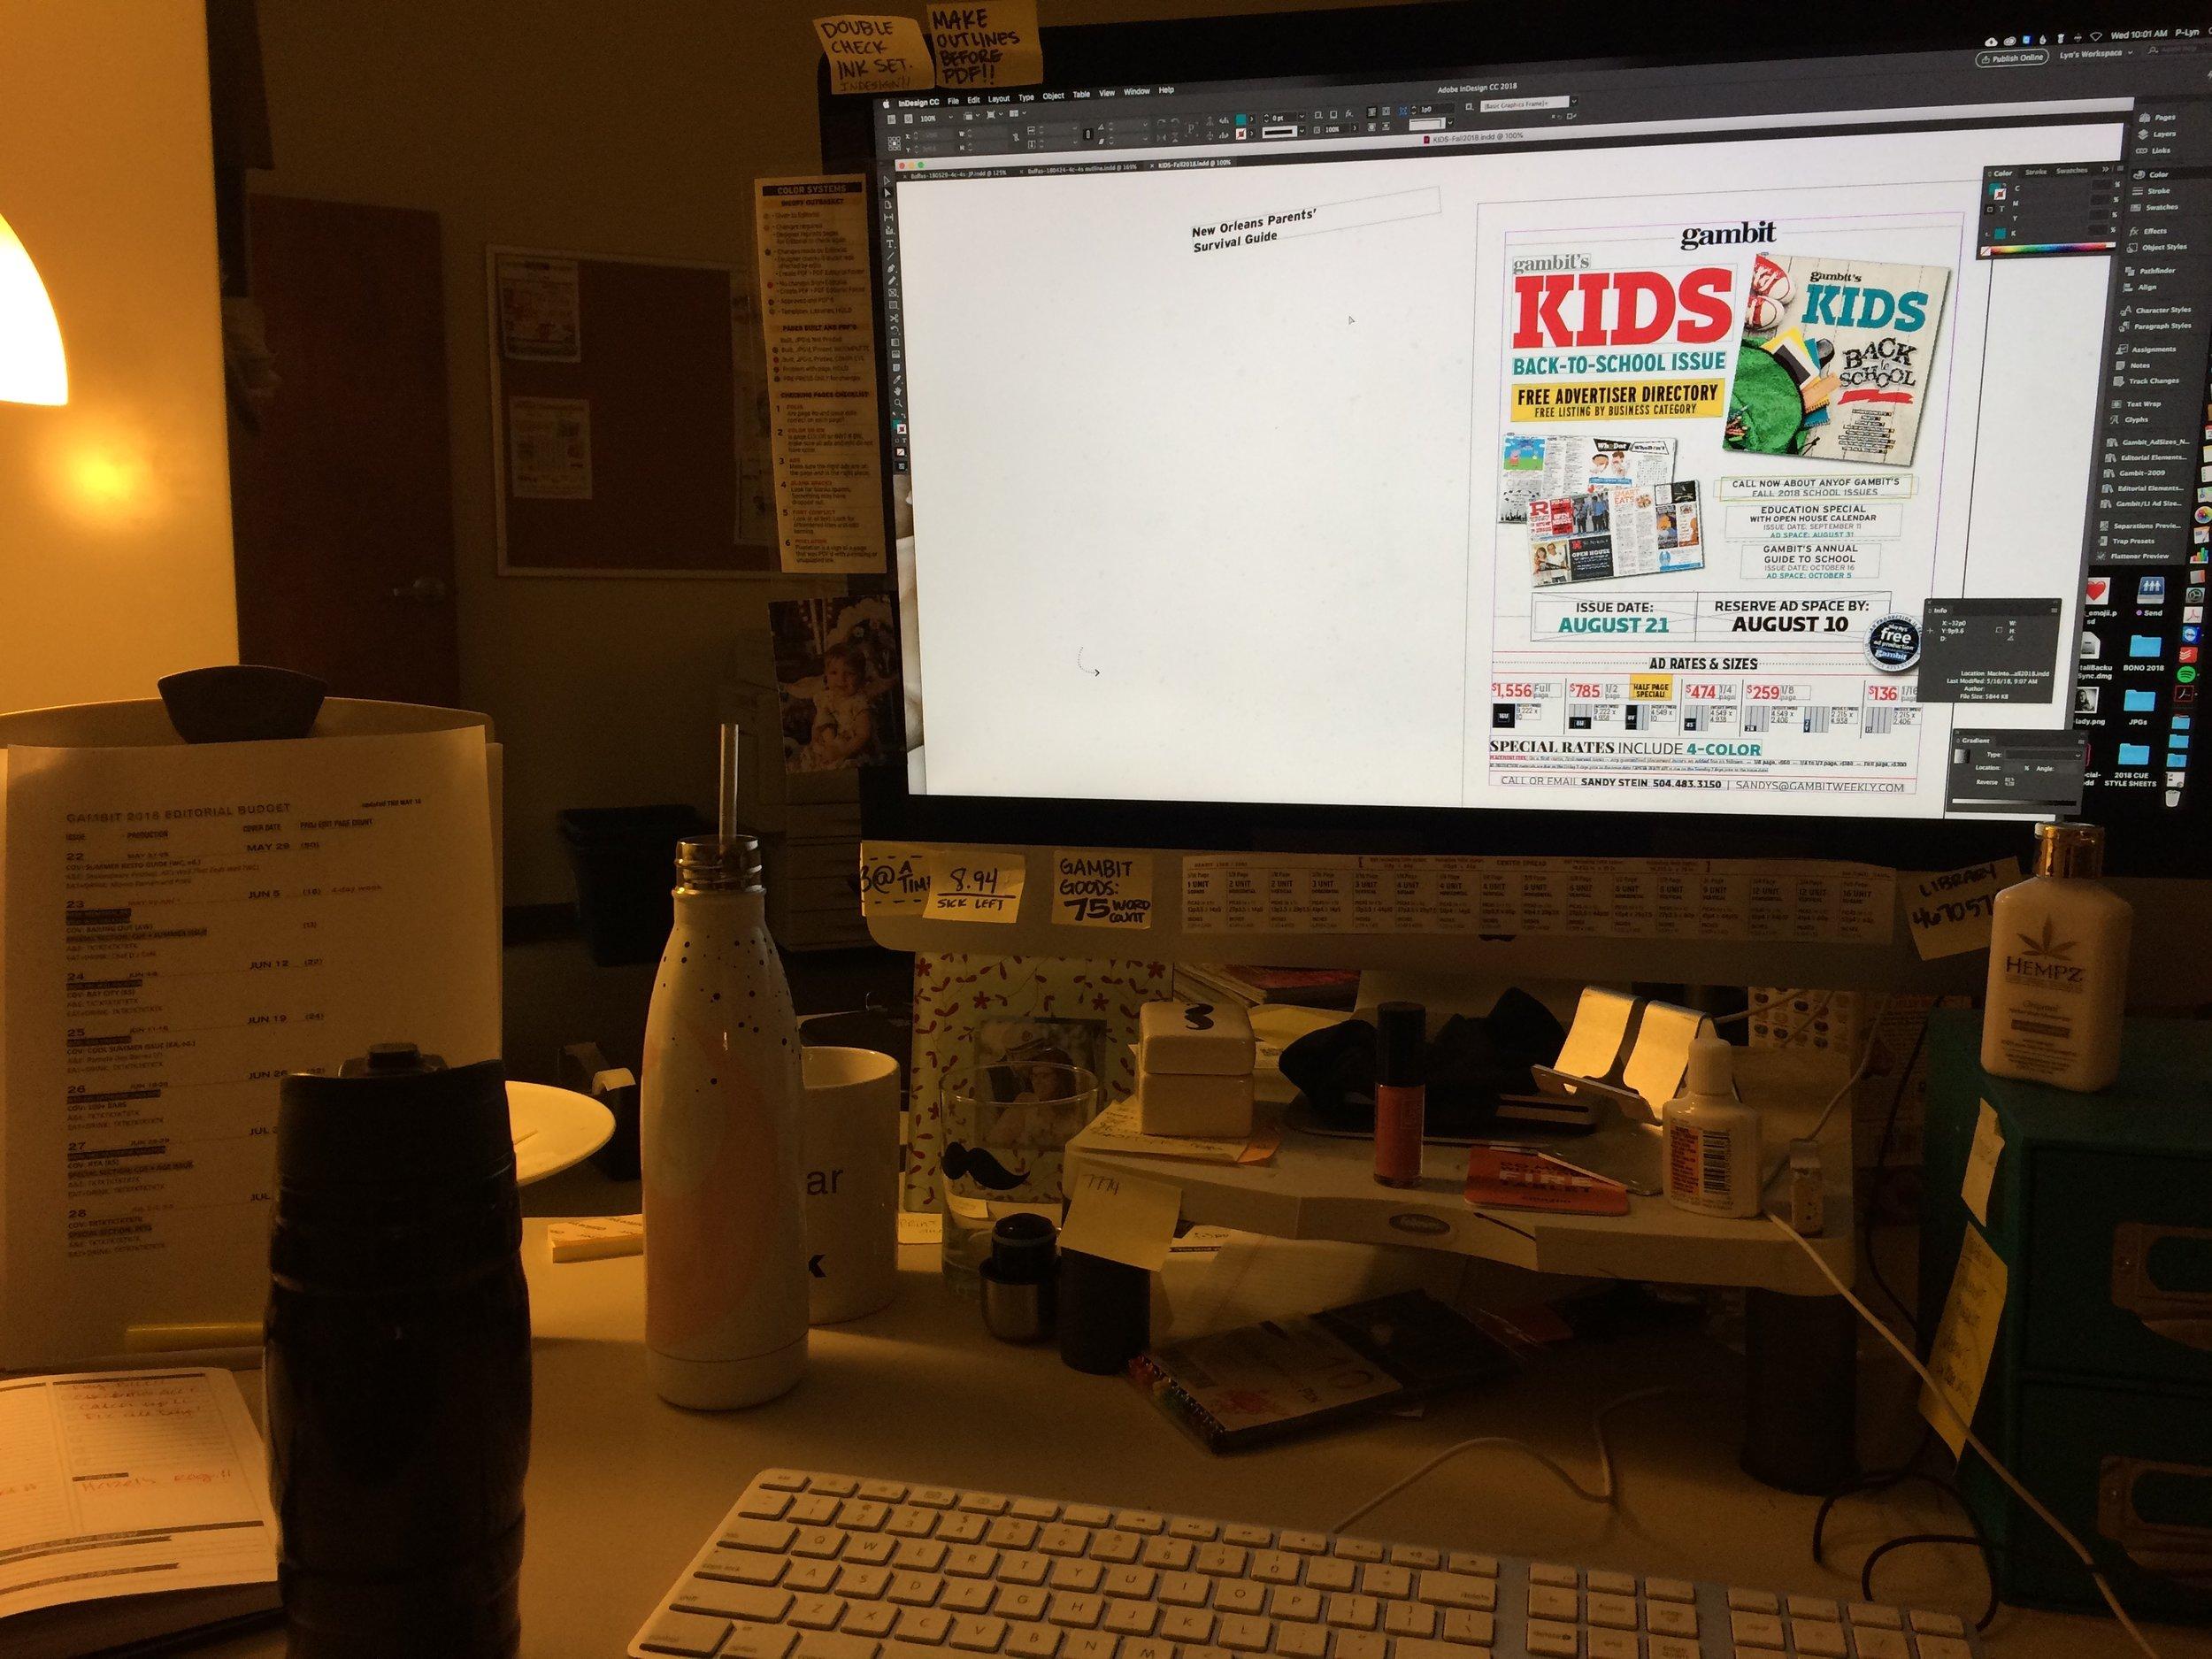 10:30 am - Work work work work